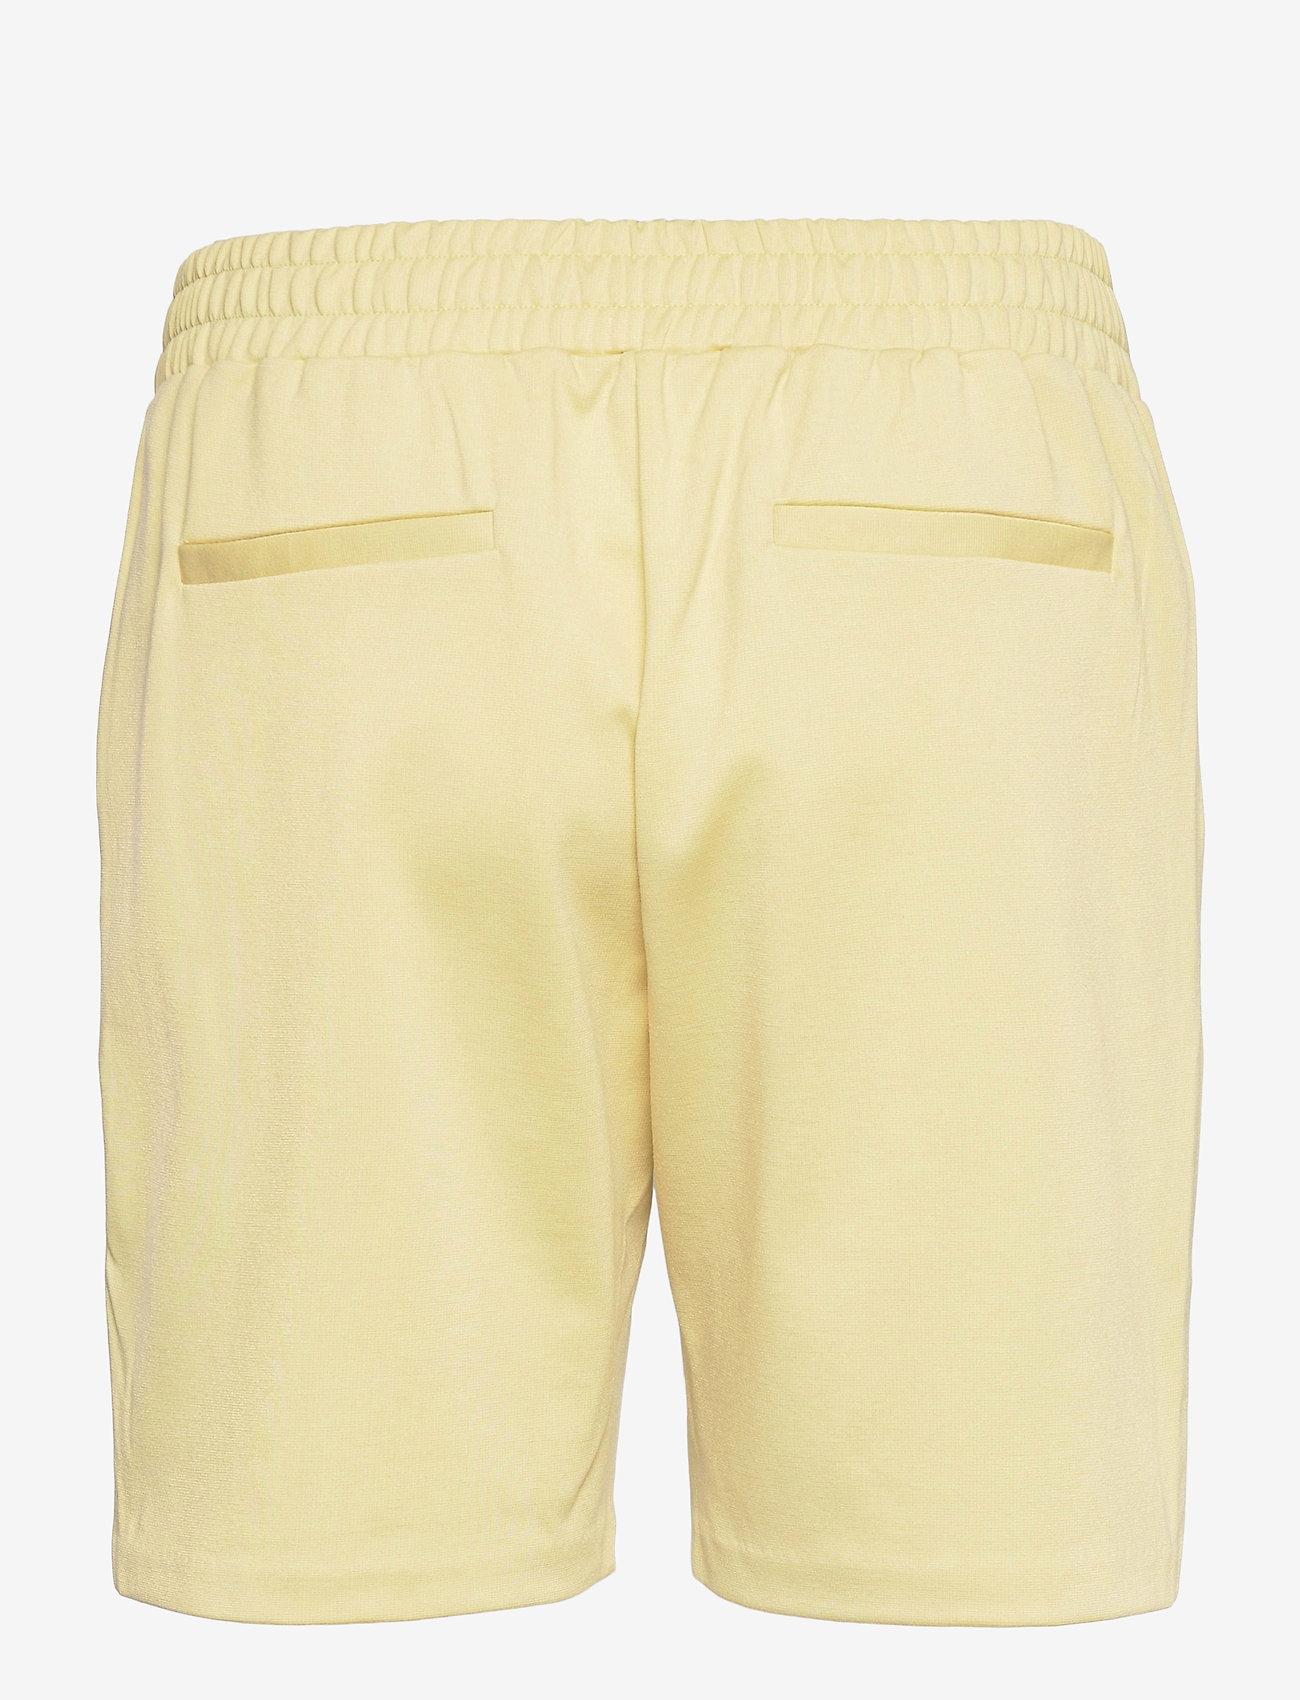 ICHI - IHKATE SHO3 - chino shorts - golden mist - 1